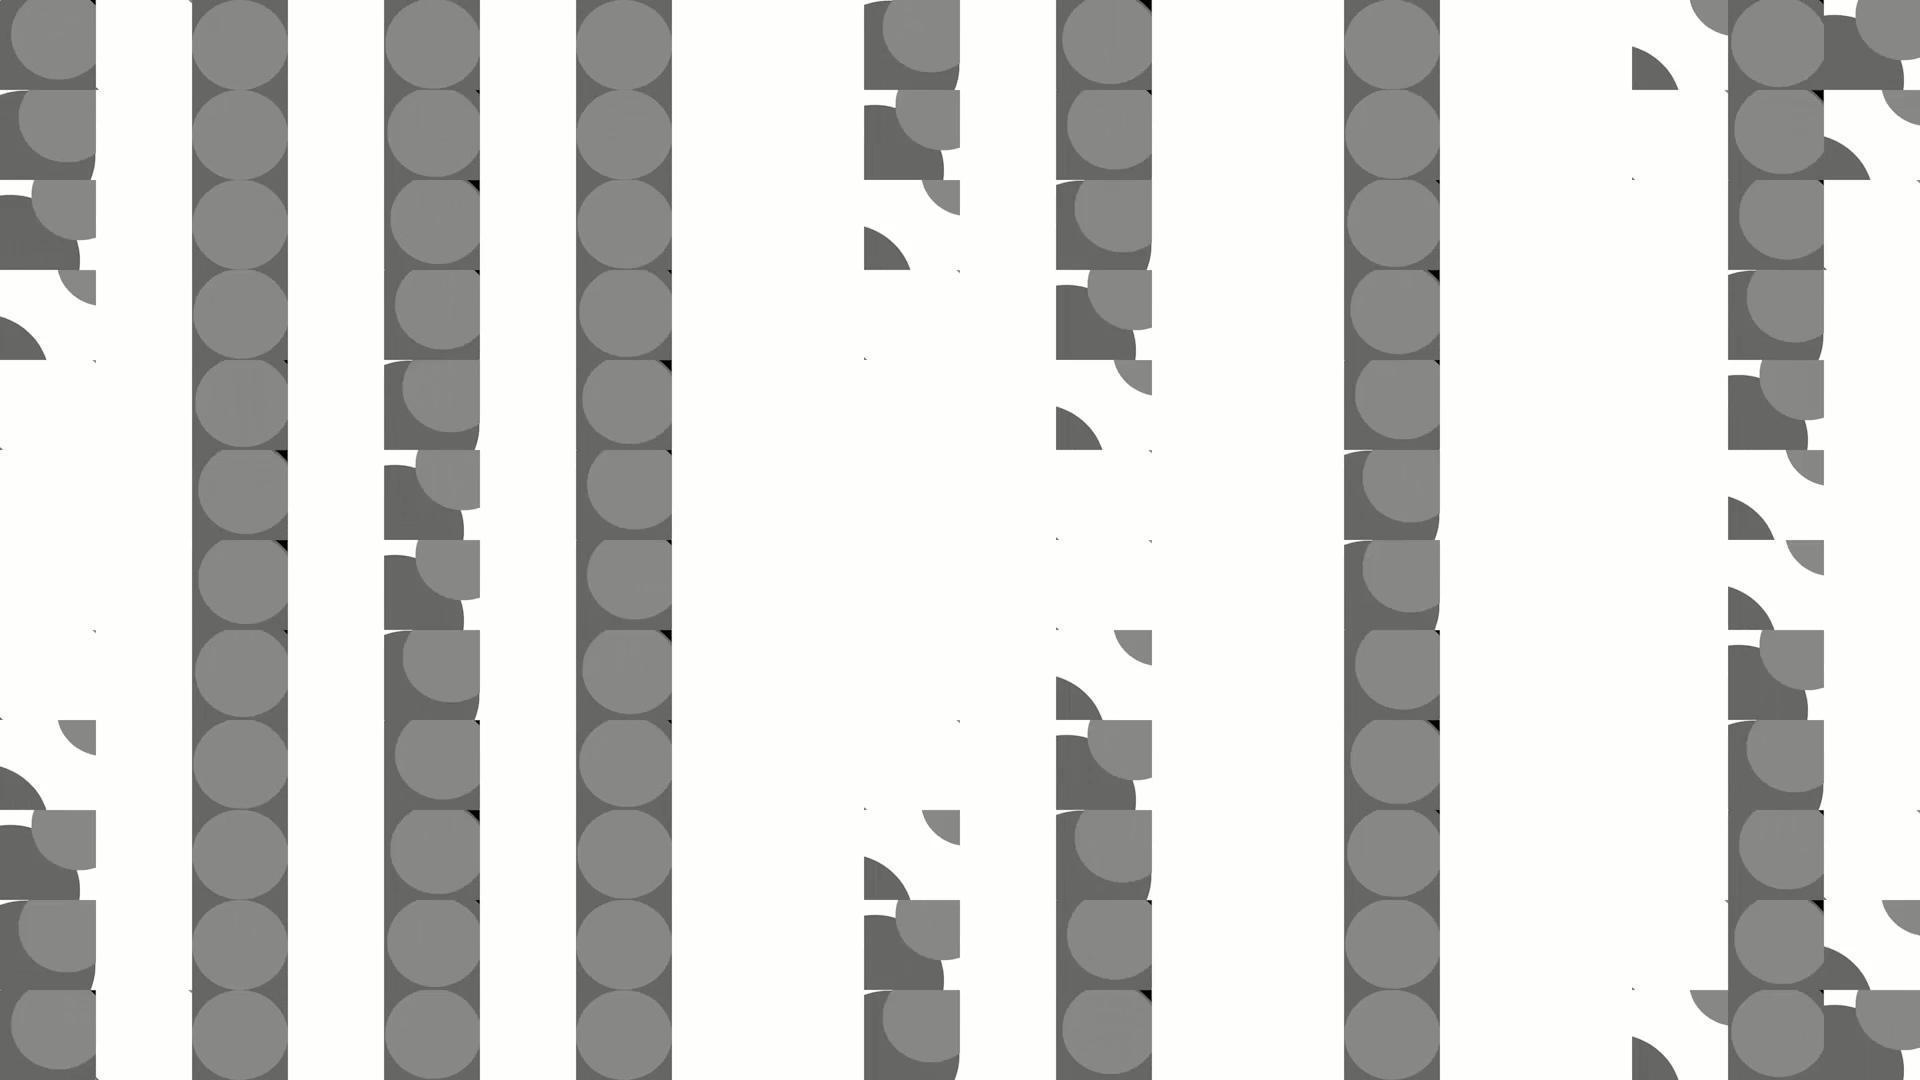 几何圆过渡素材22